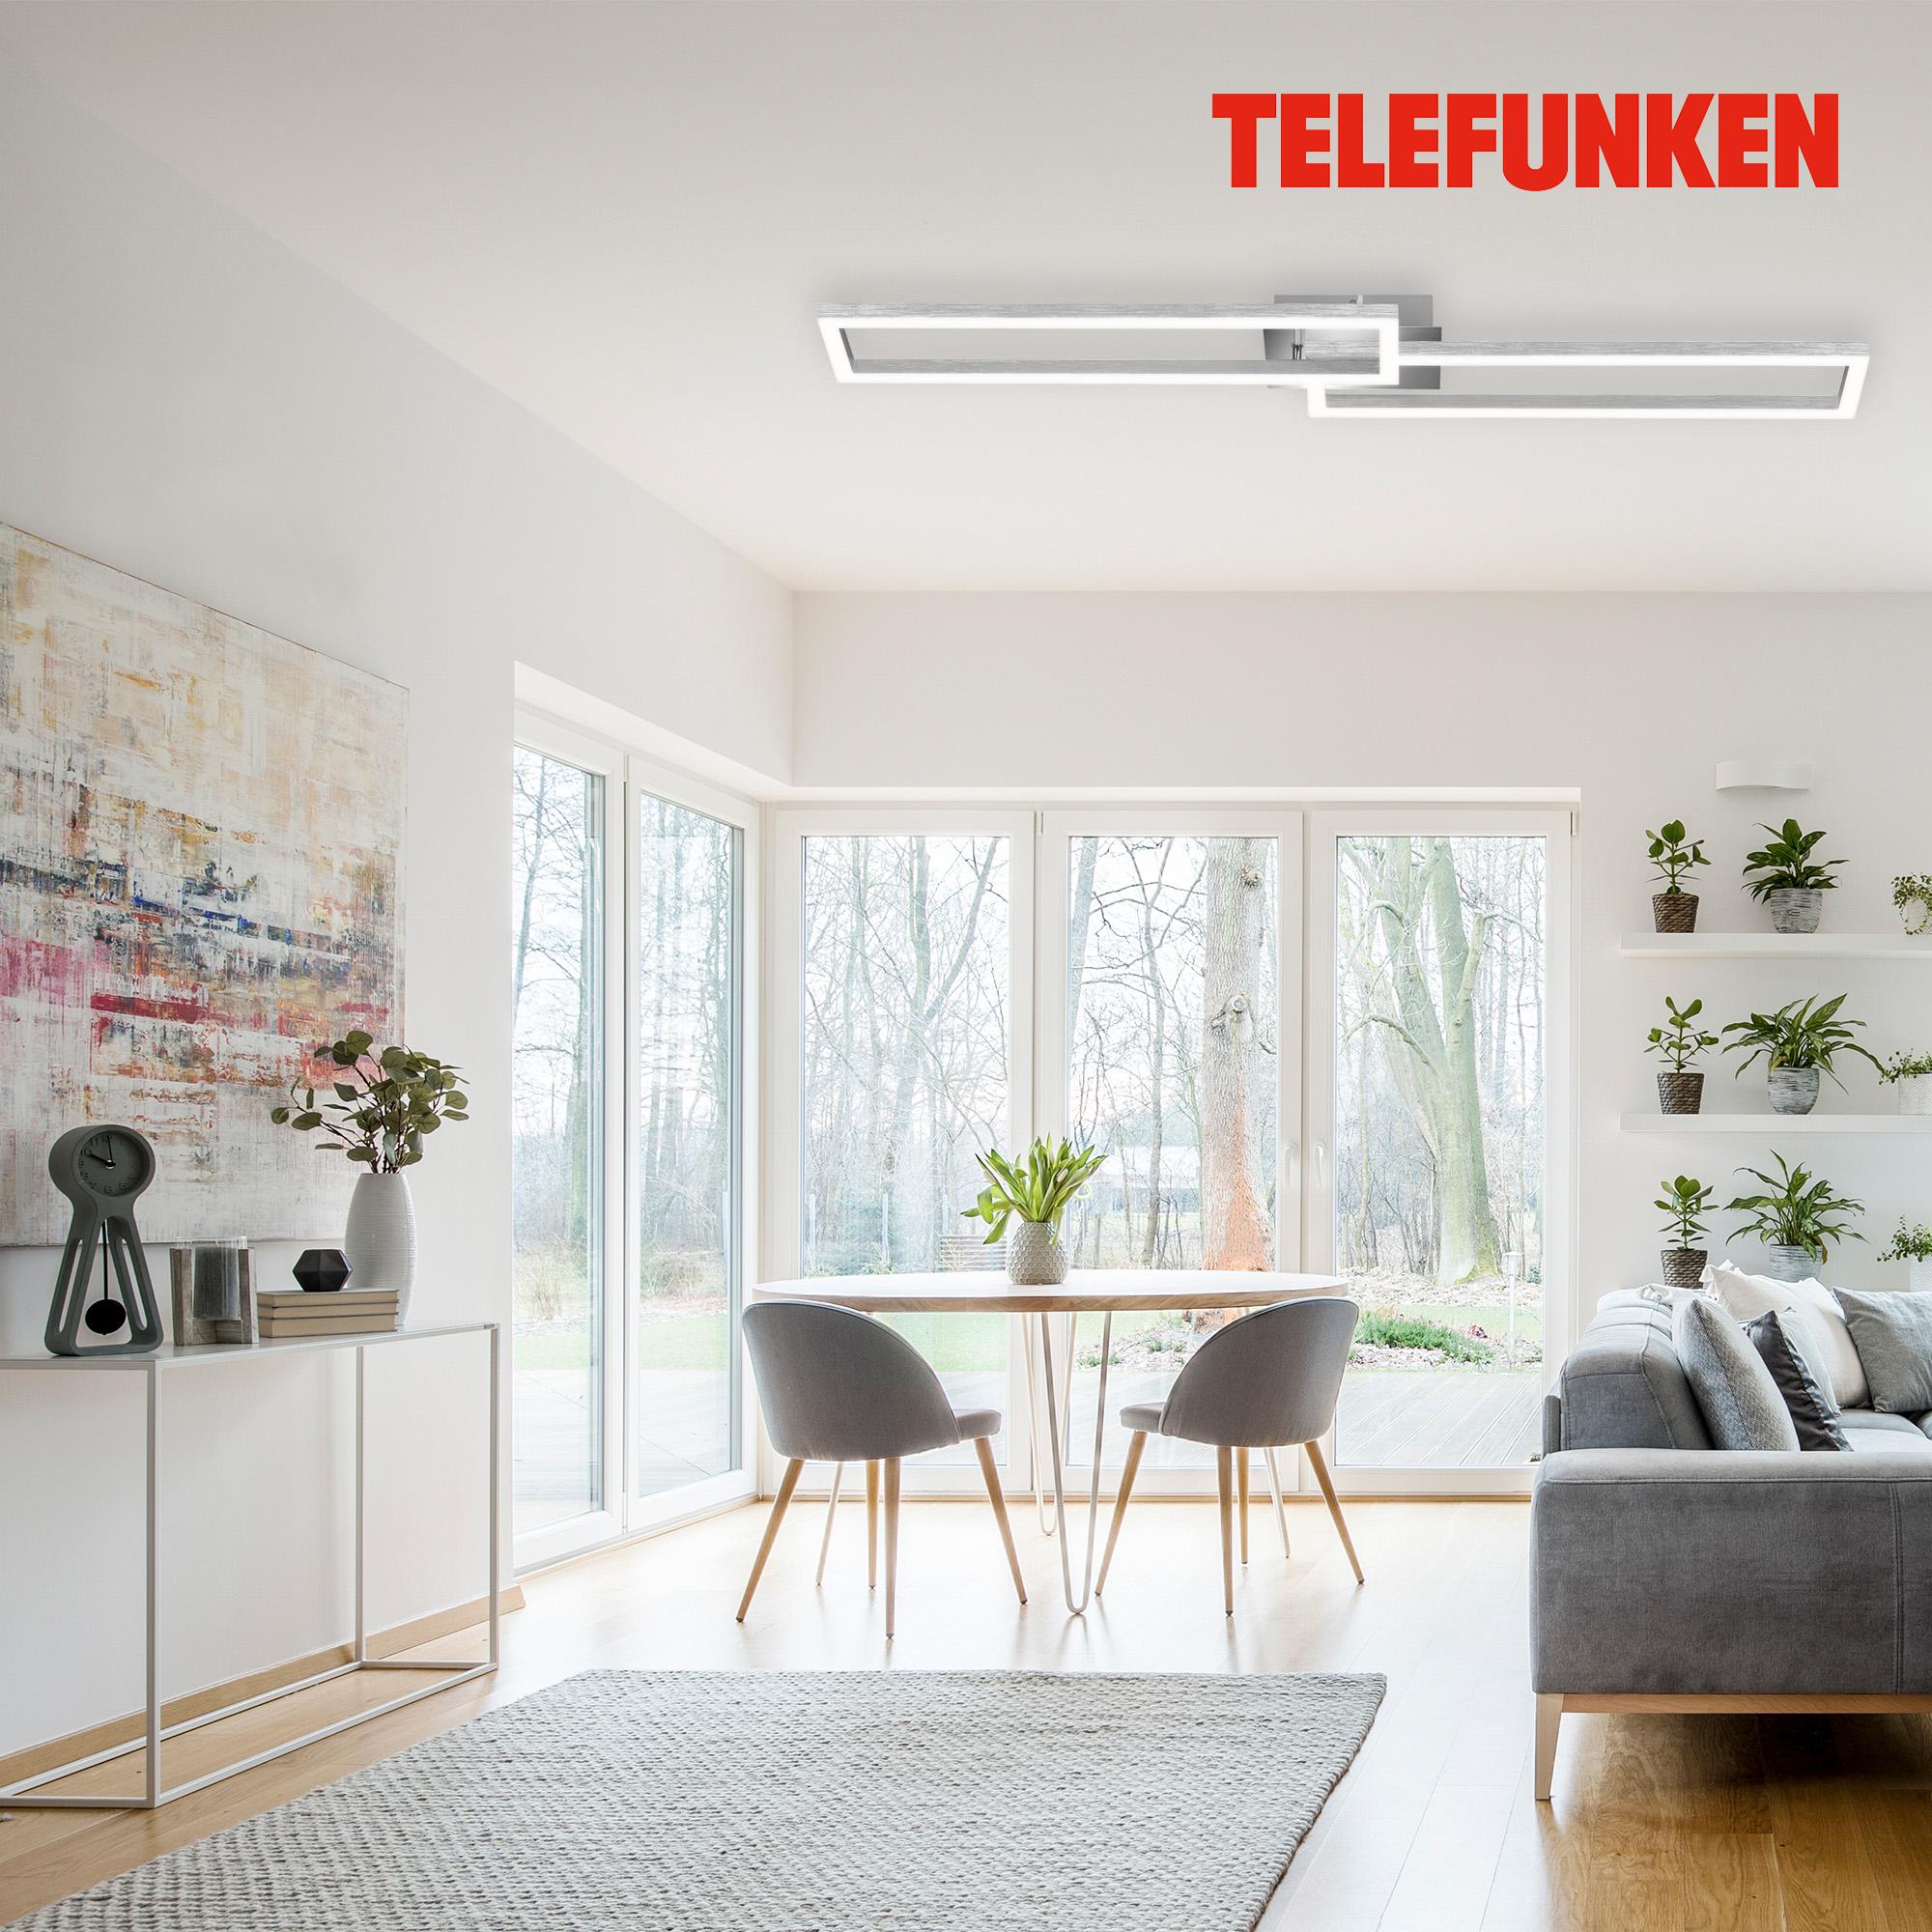 TELEFUNKEN Smart LED Deckenleuchte Chrom-Alu